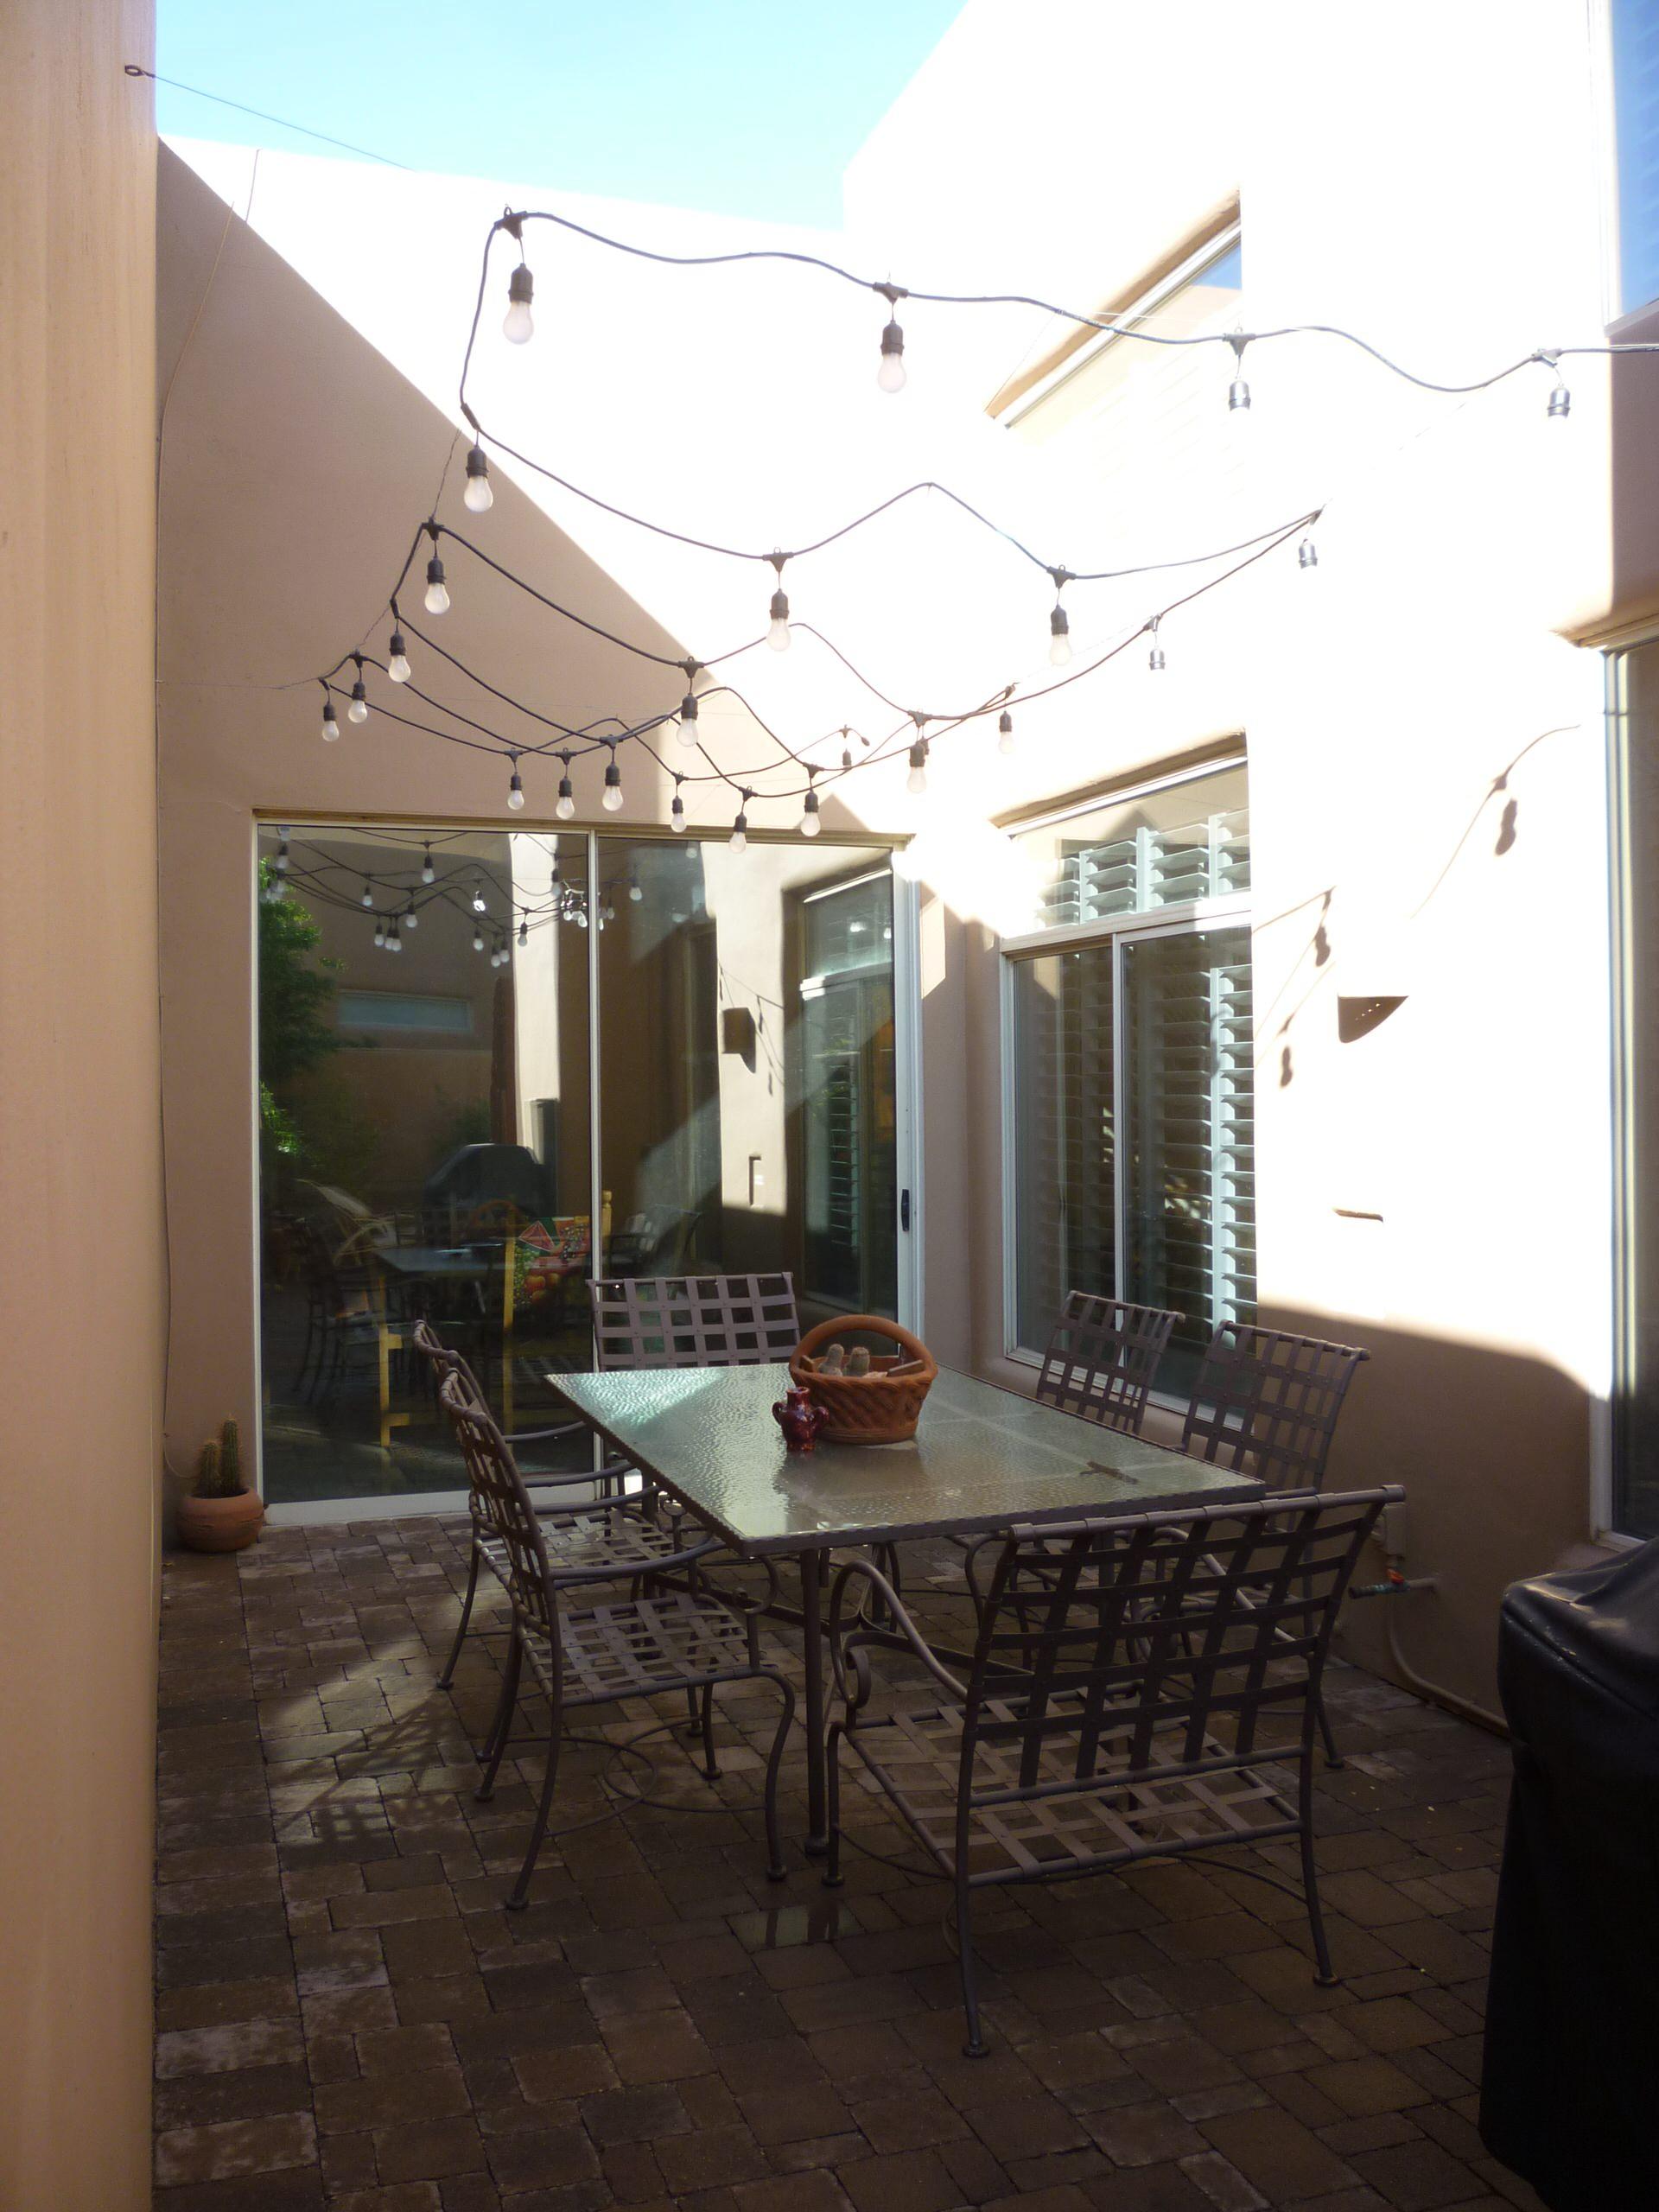 Courtyard w/ Overhead Lighting